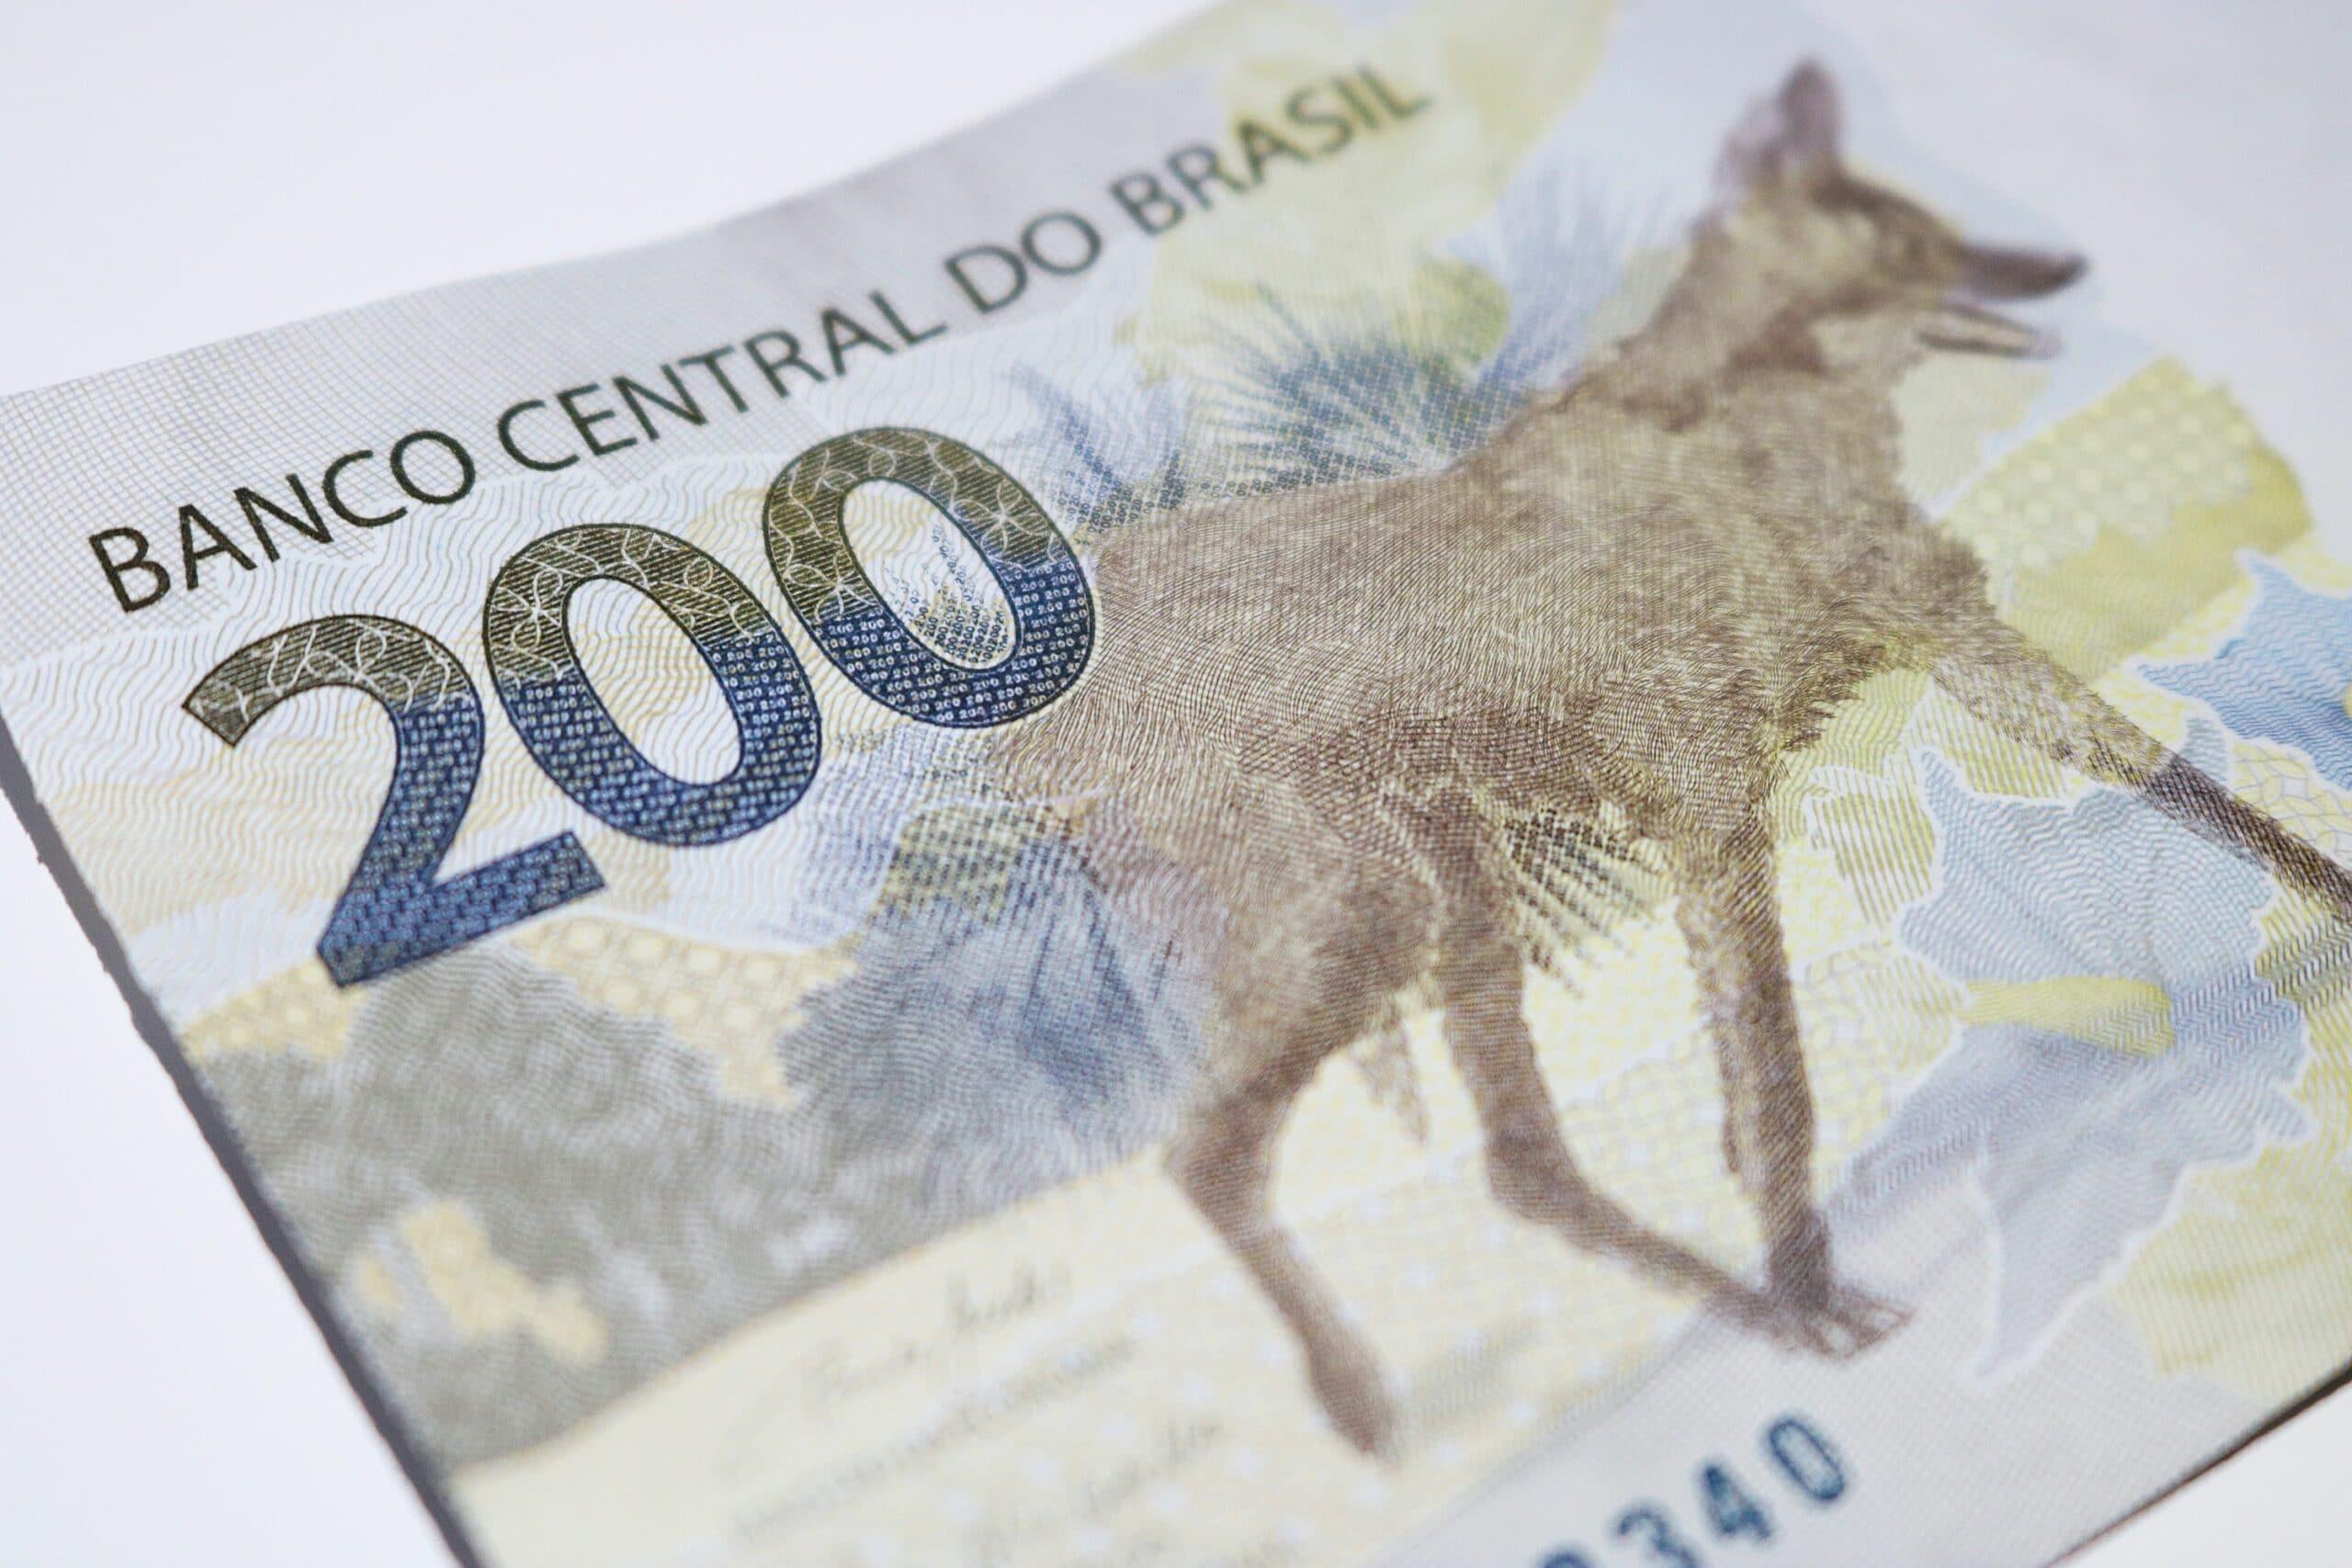 Nota de R$200